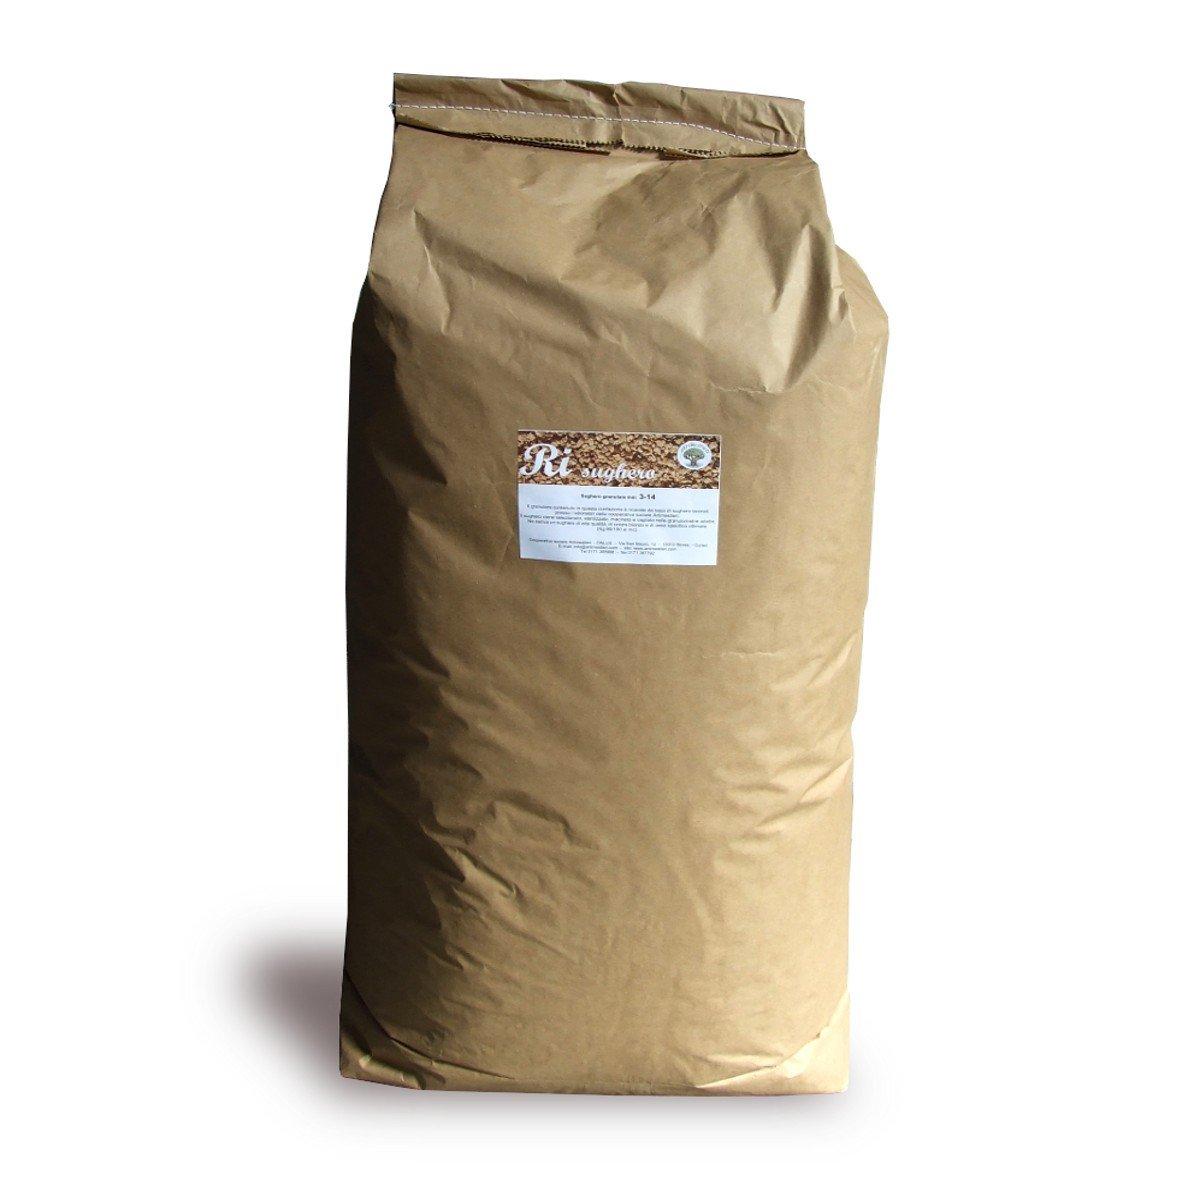 ARTIMESTIERI - Sughero Granulato Biondo - sacco da 125 Lt - isolamento termico e acustico - bricolage - giardinaggio - 3-14mm